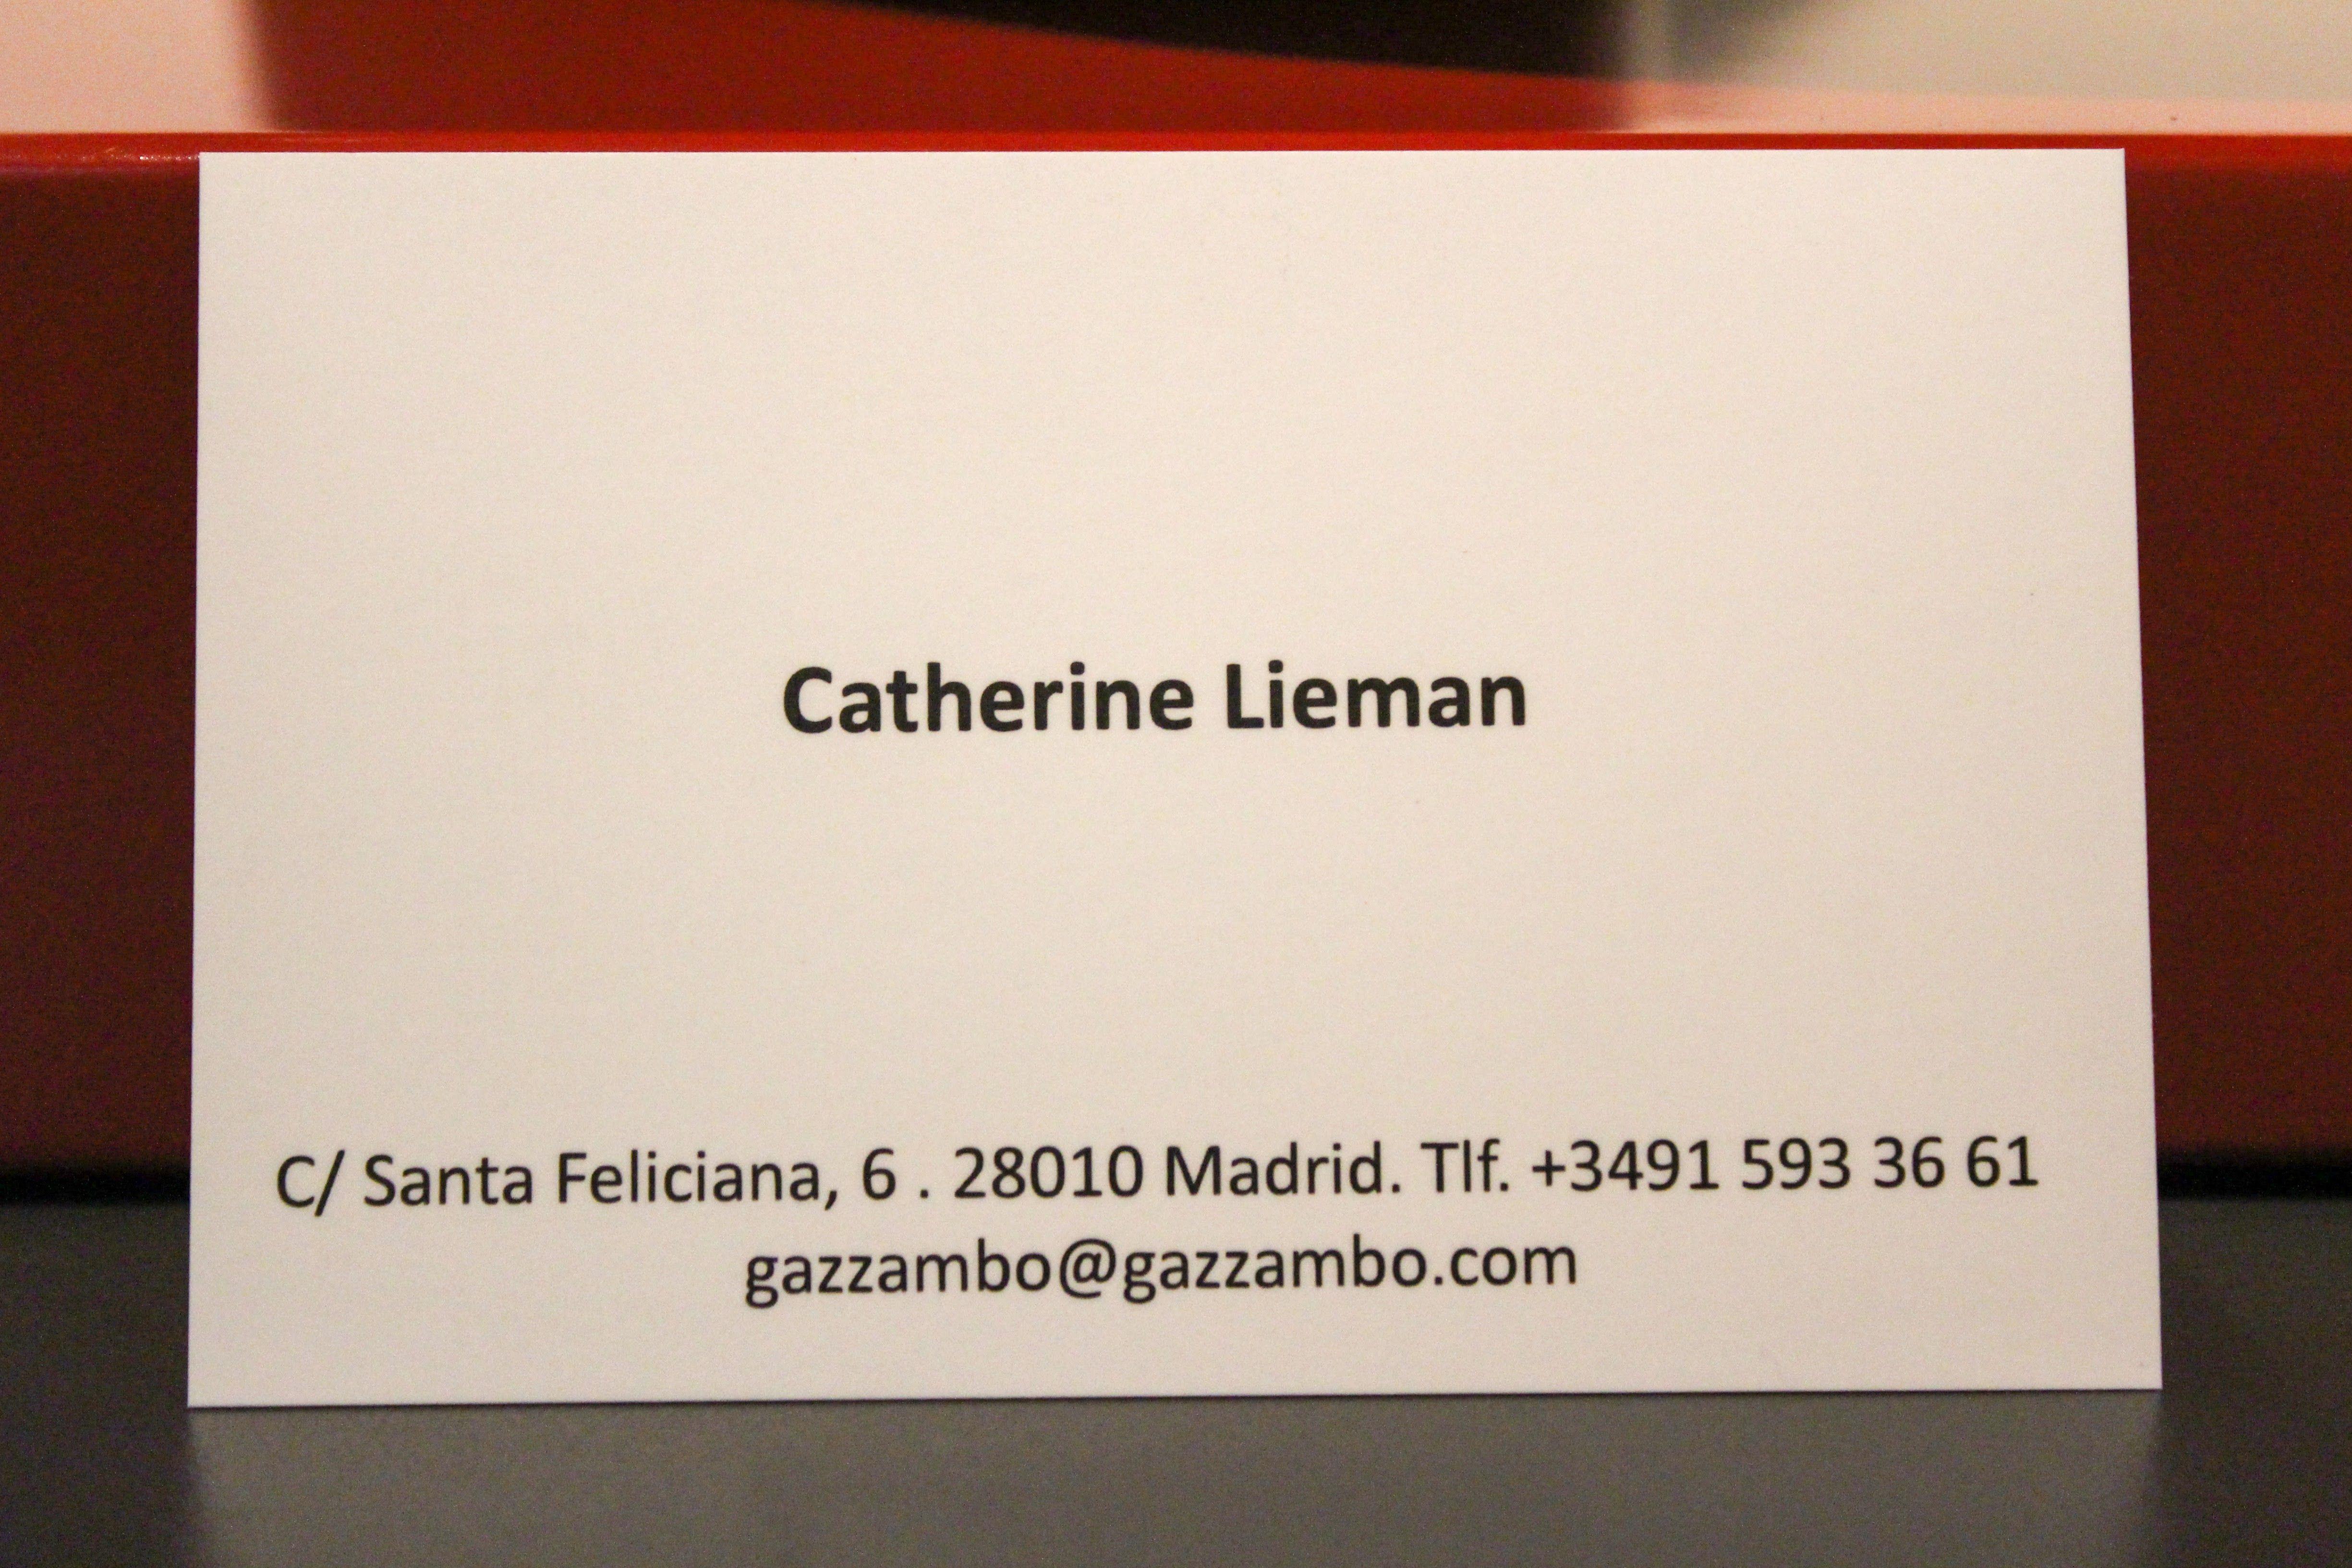 Foto 6 de Galería de arte africano en Madrid | Gazzambo Gallery